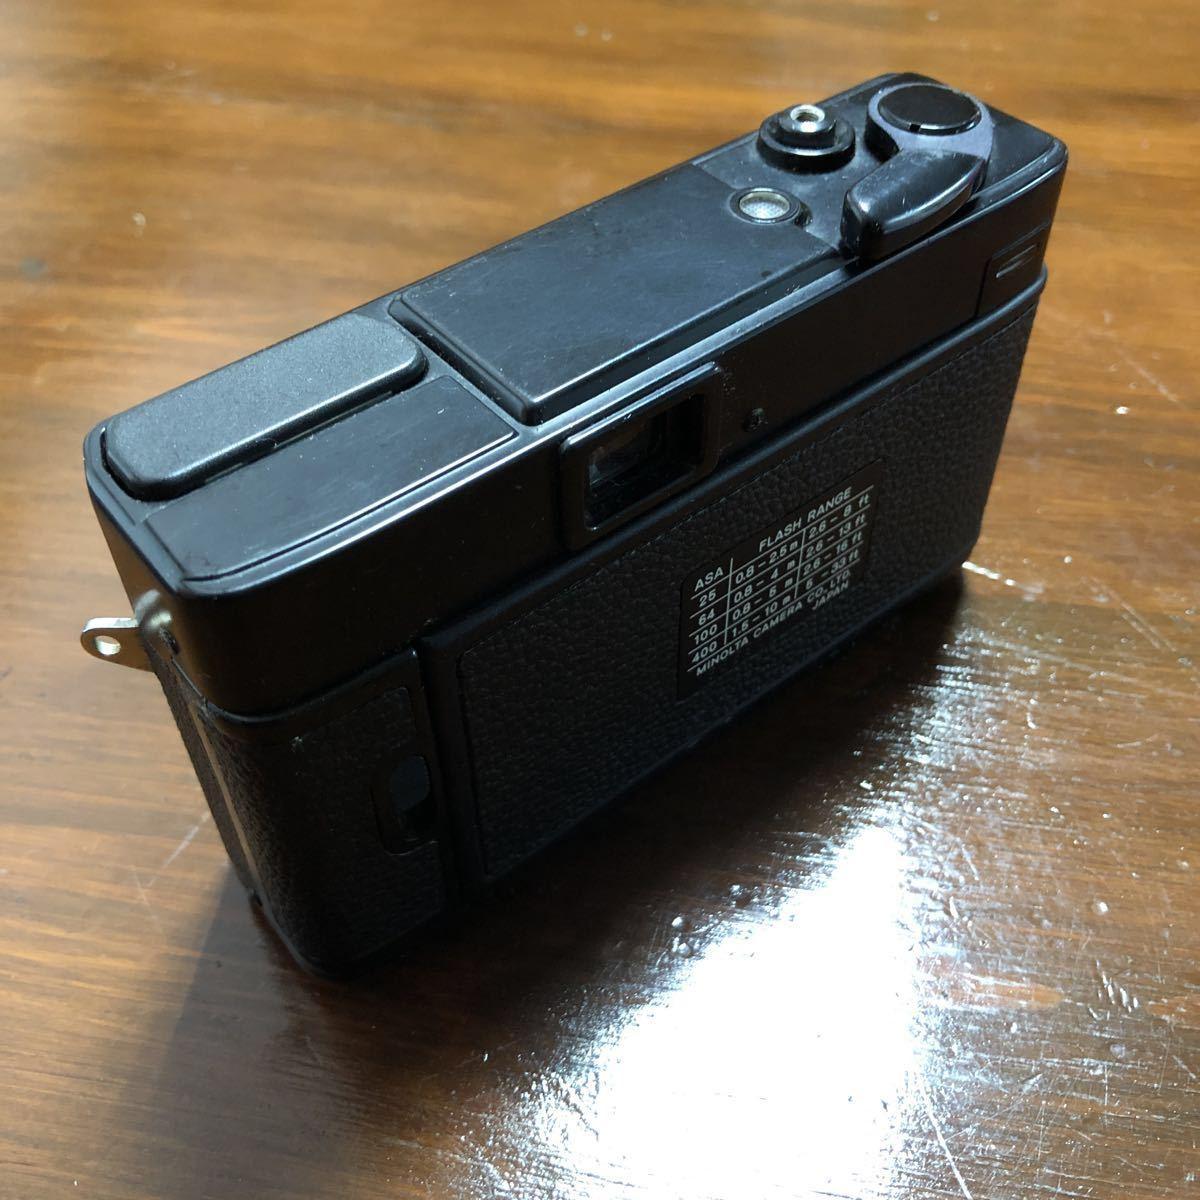 レトロ Minolta ミノルタ HI-MATIC F ブラック 黒 ROKKOR 1:2.7 f=38mm フィルムカメラ 現状品_画像5